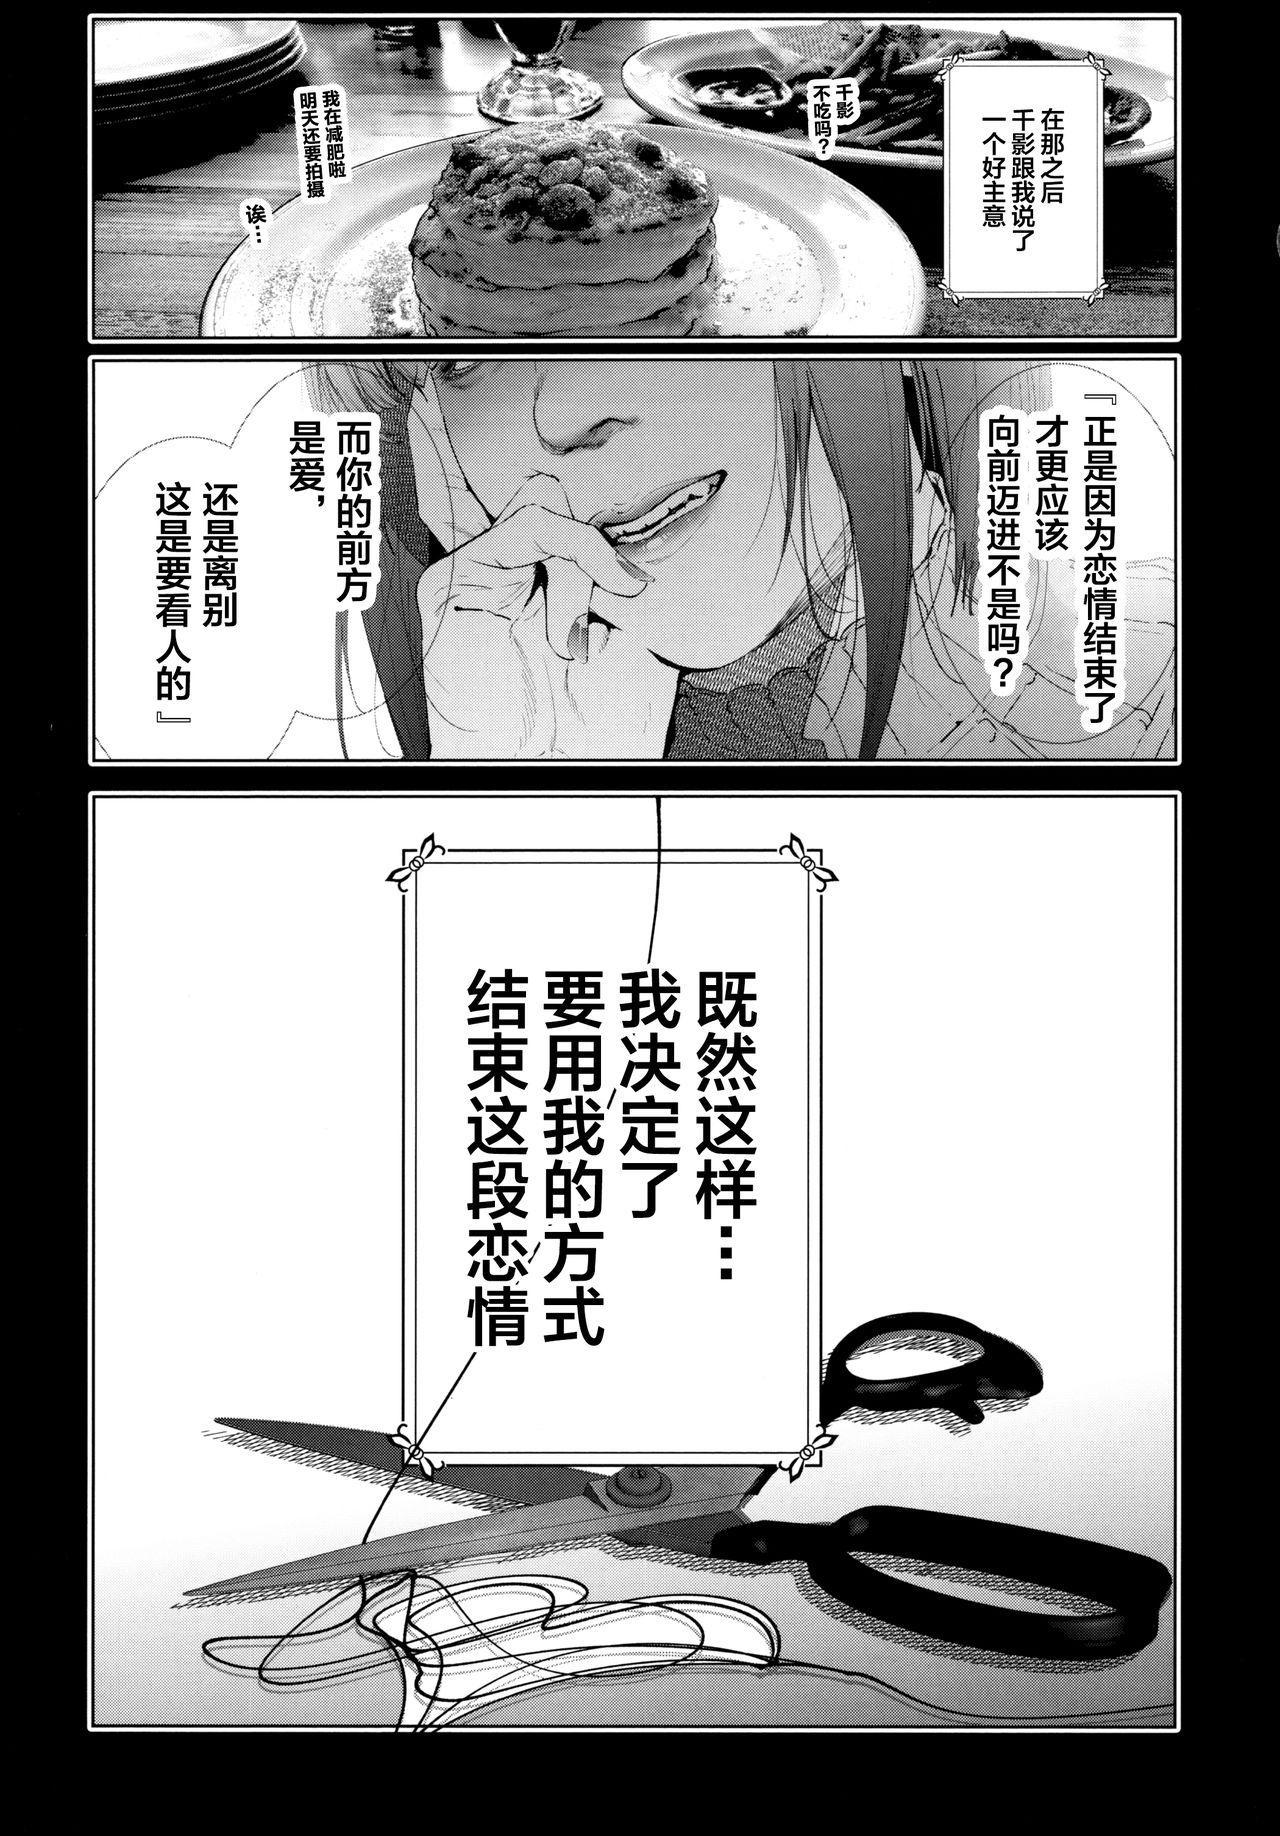 Cos wa Midara na Kamen Ninki Ikemen Layer no SeFri Ken Ishou Seisaku Tantou no Zoukei Layer wa Honmei Kanojo no Yume o Miru ka 25